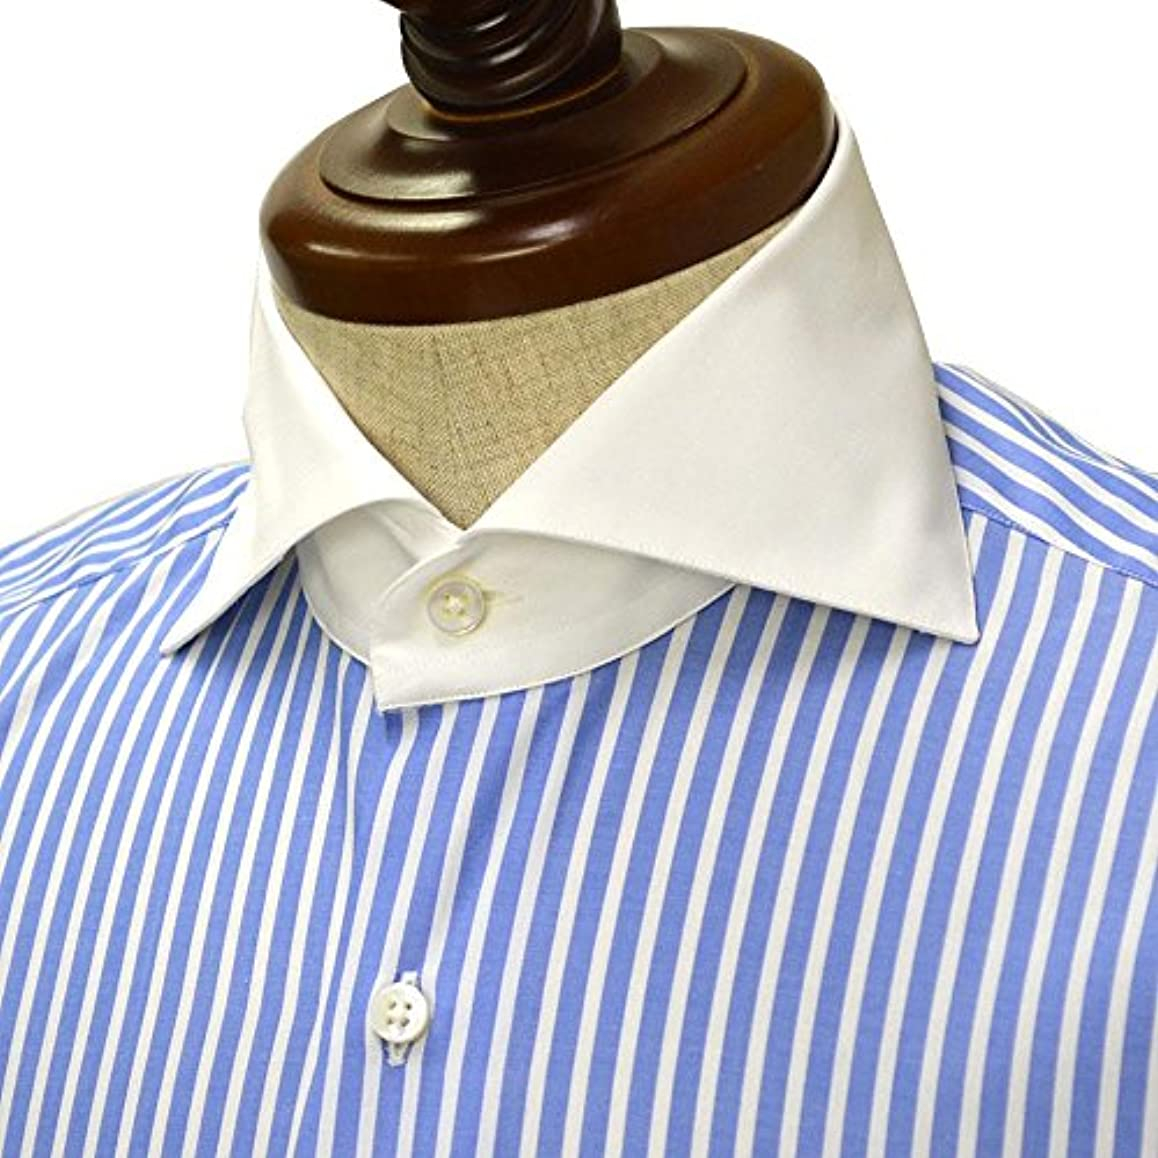 名義で課税ご意見Maria Santangelo【マリアサンタンジェロ】ドレスシャツ VESVIO ENZO 58/10 コットン クレリック ストライプ ホワイト×ブルー(39)